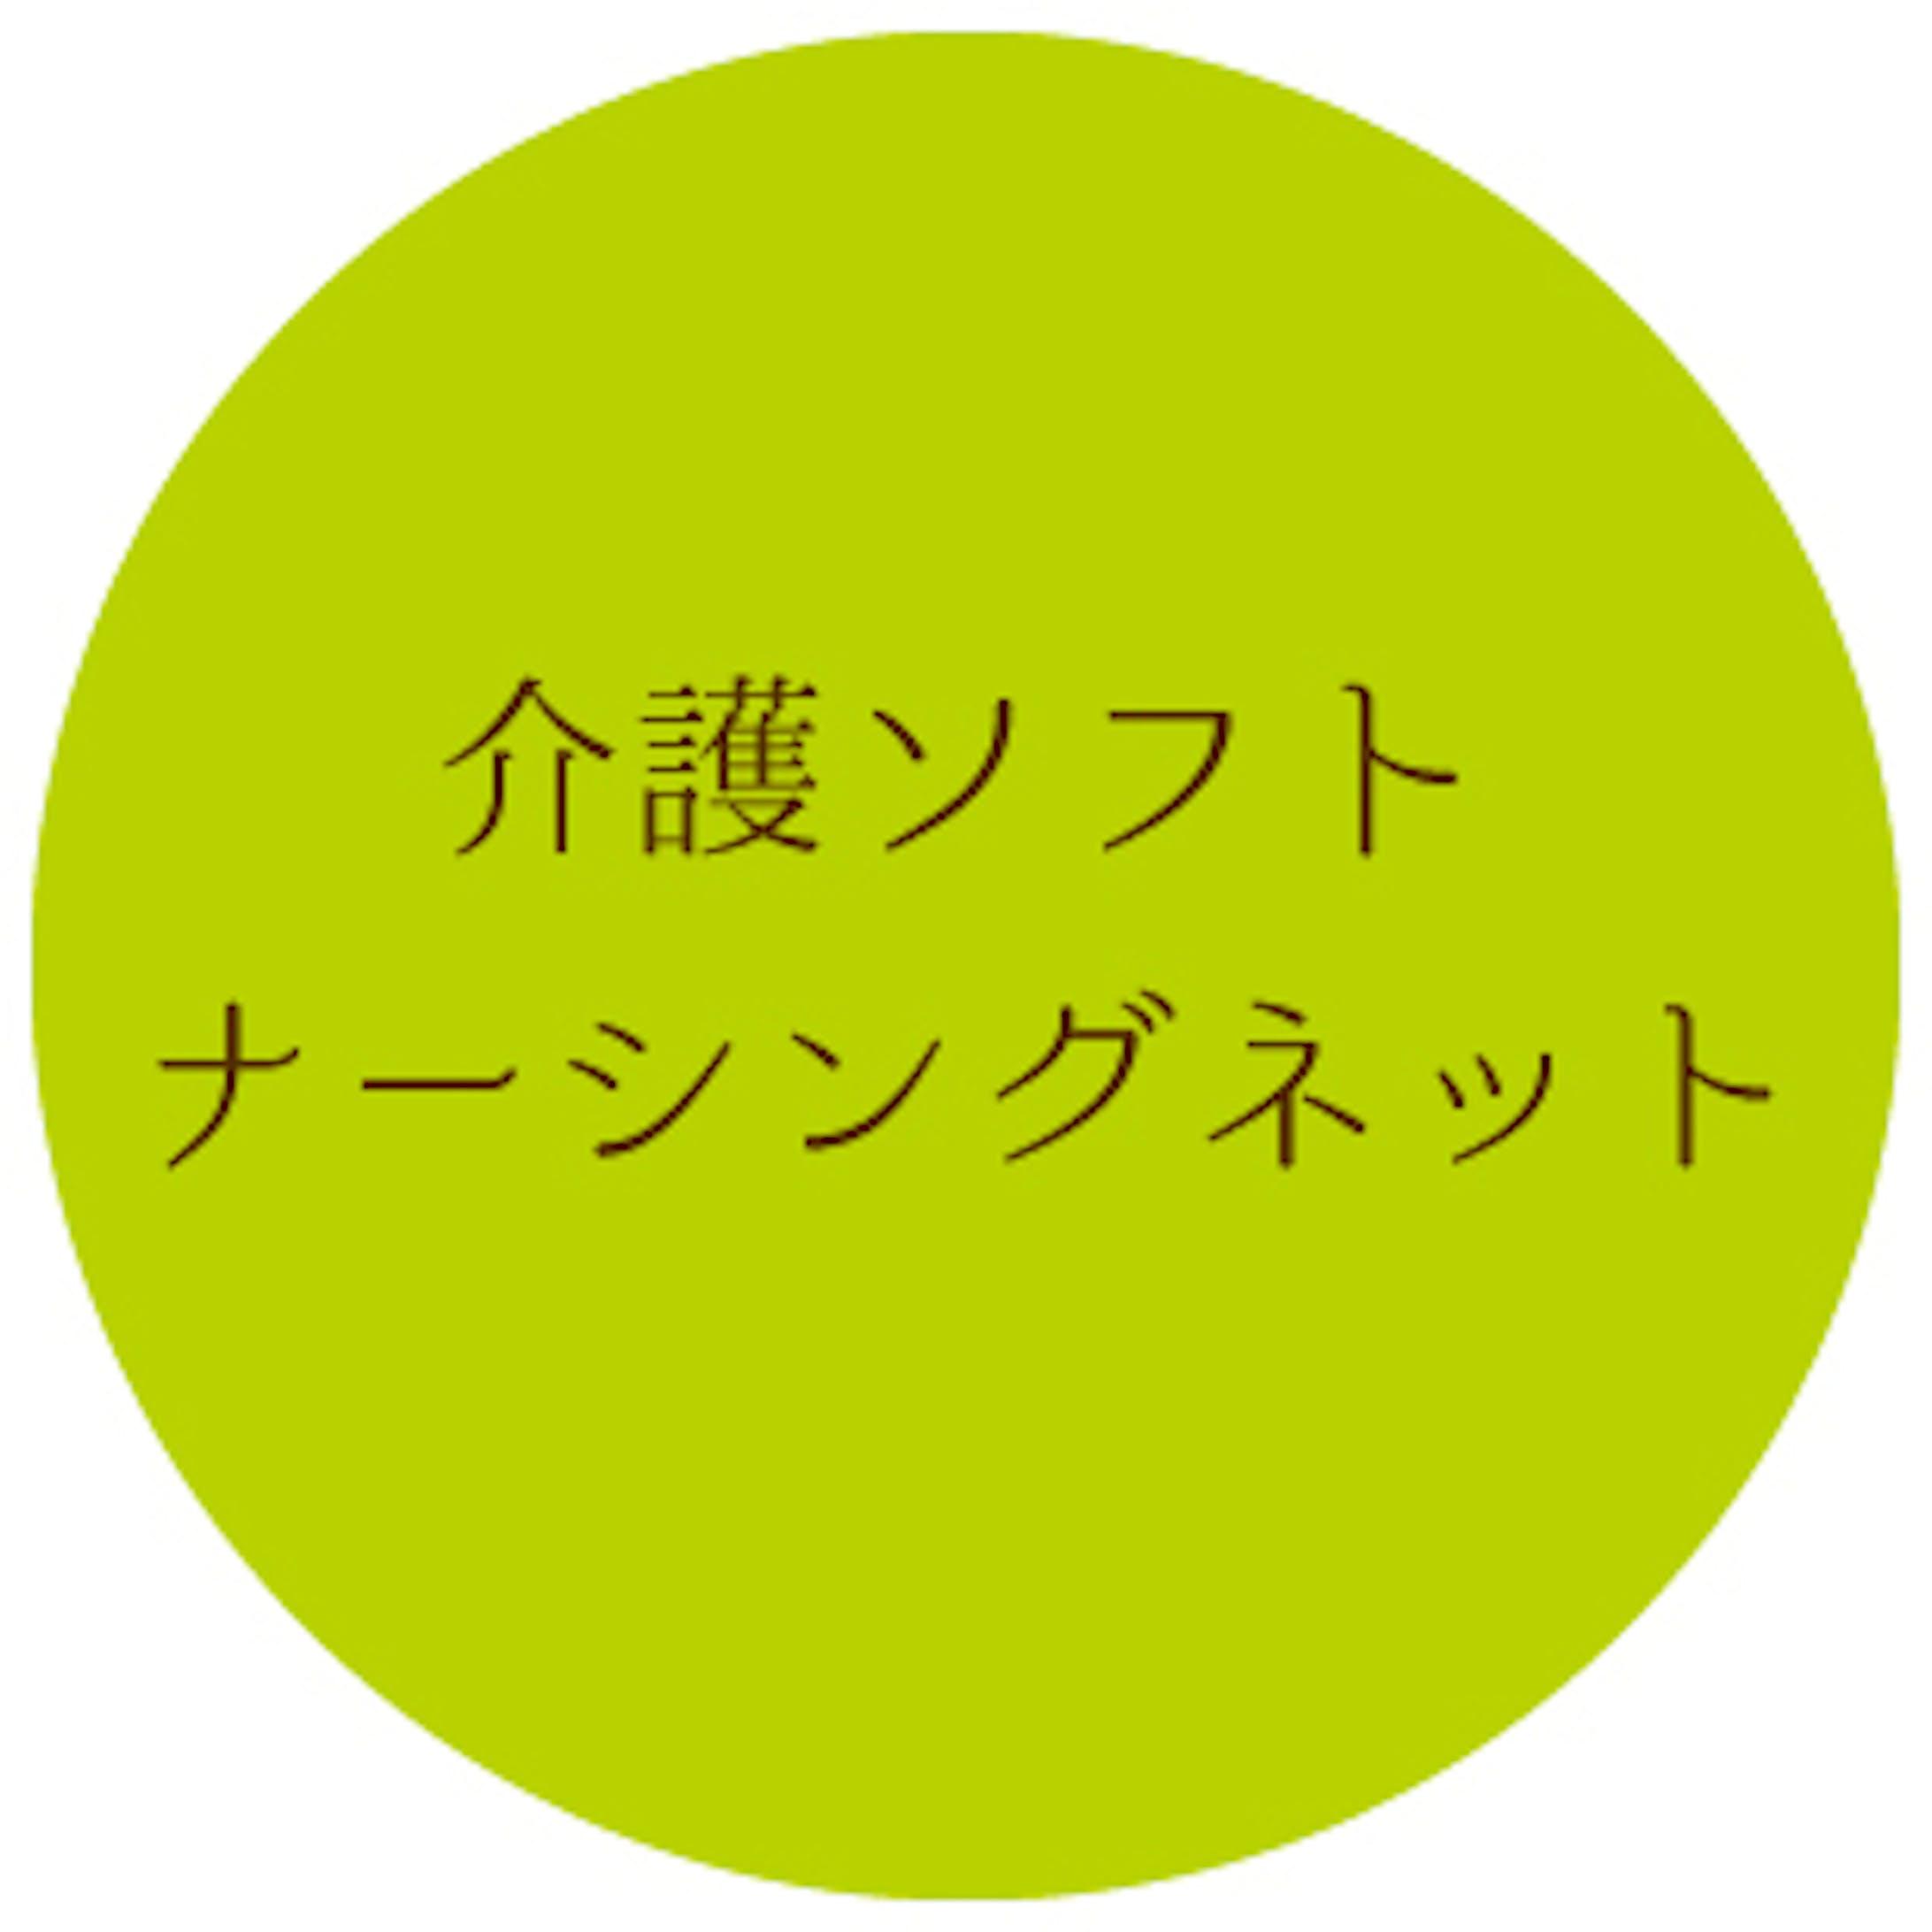 ケアマネ電卓-5